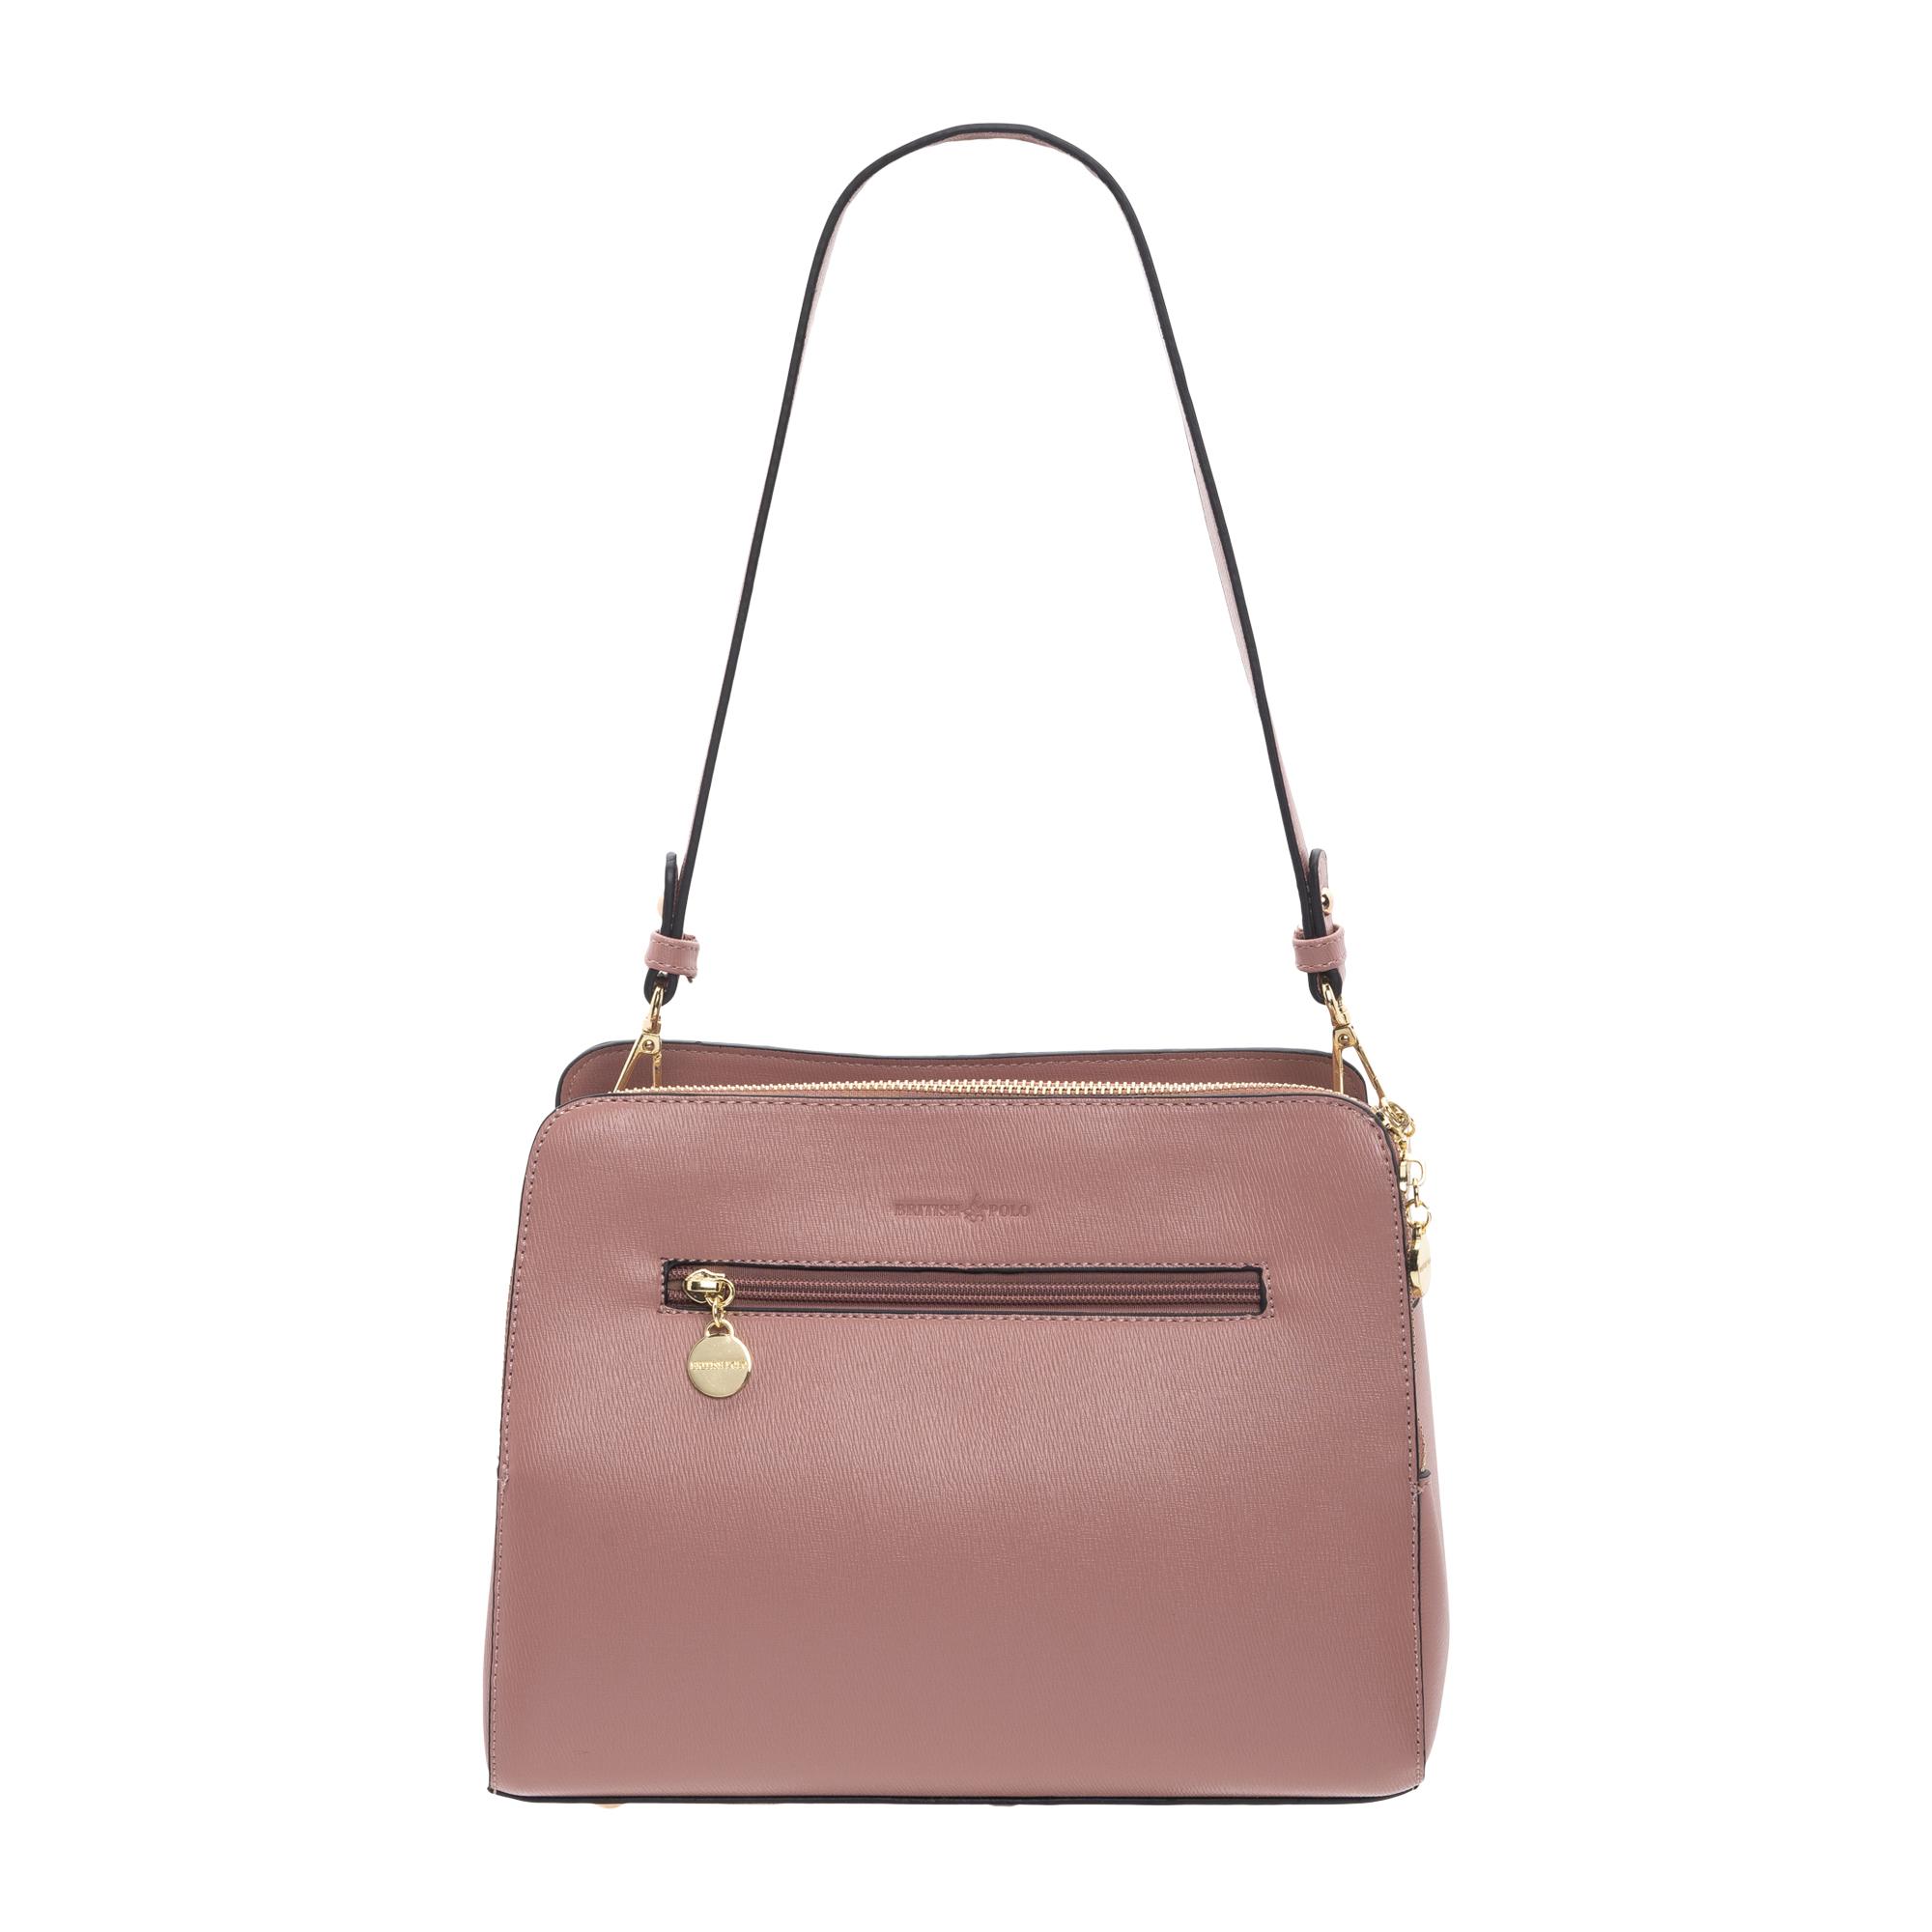 British Polo Floral Design Shoulder Bag